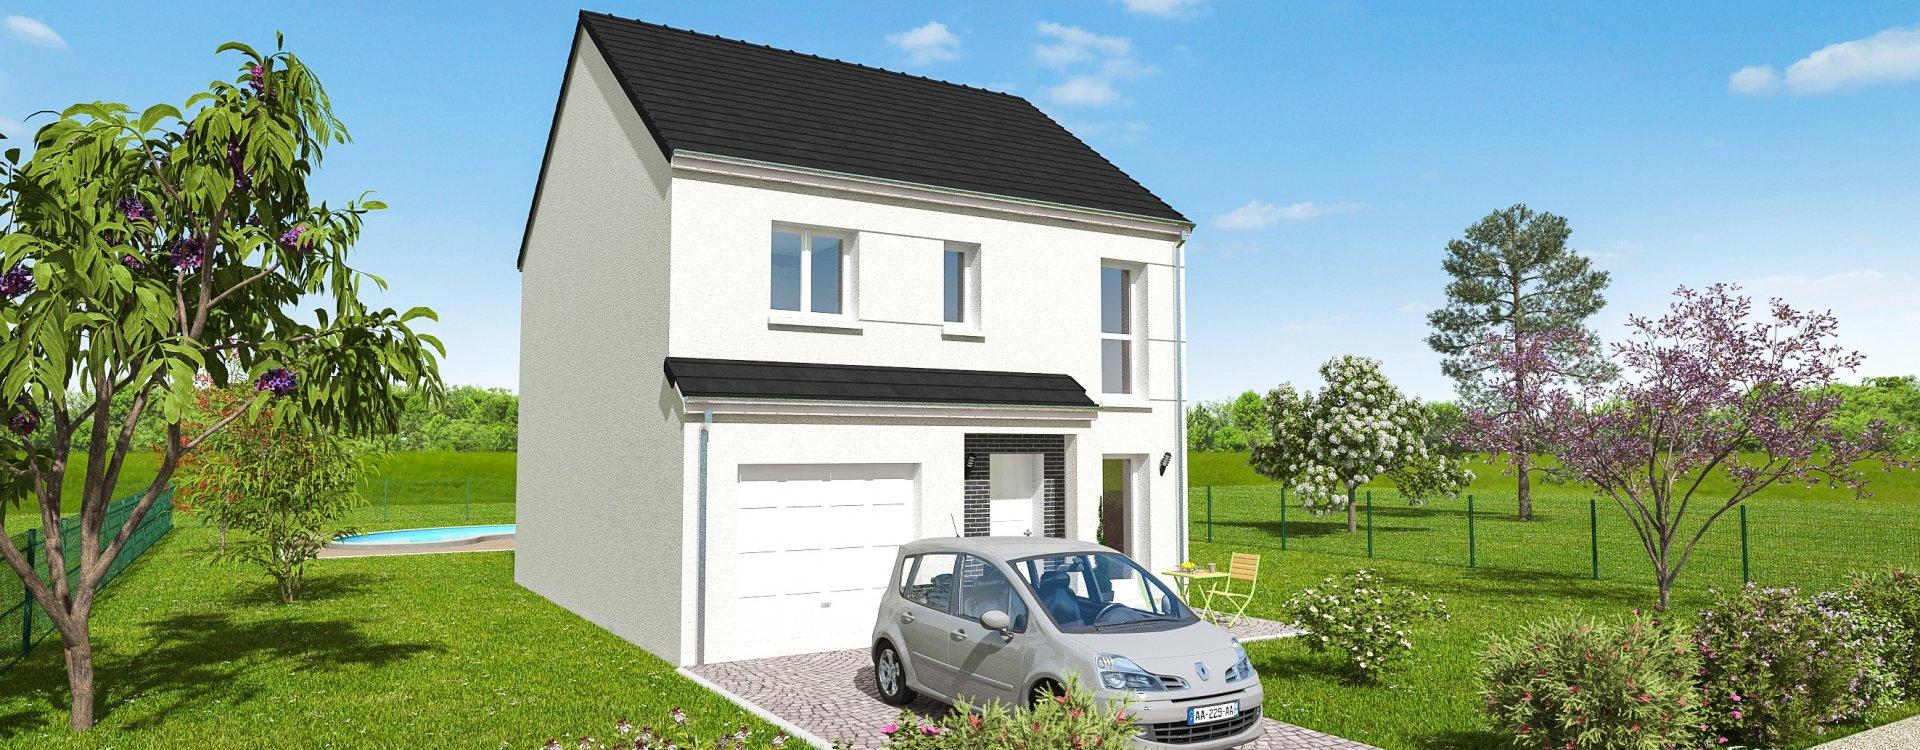 Maisons + Terrains du constructeur EASY HOUSE FRANCE • 98 m² • REBRECHIEN